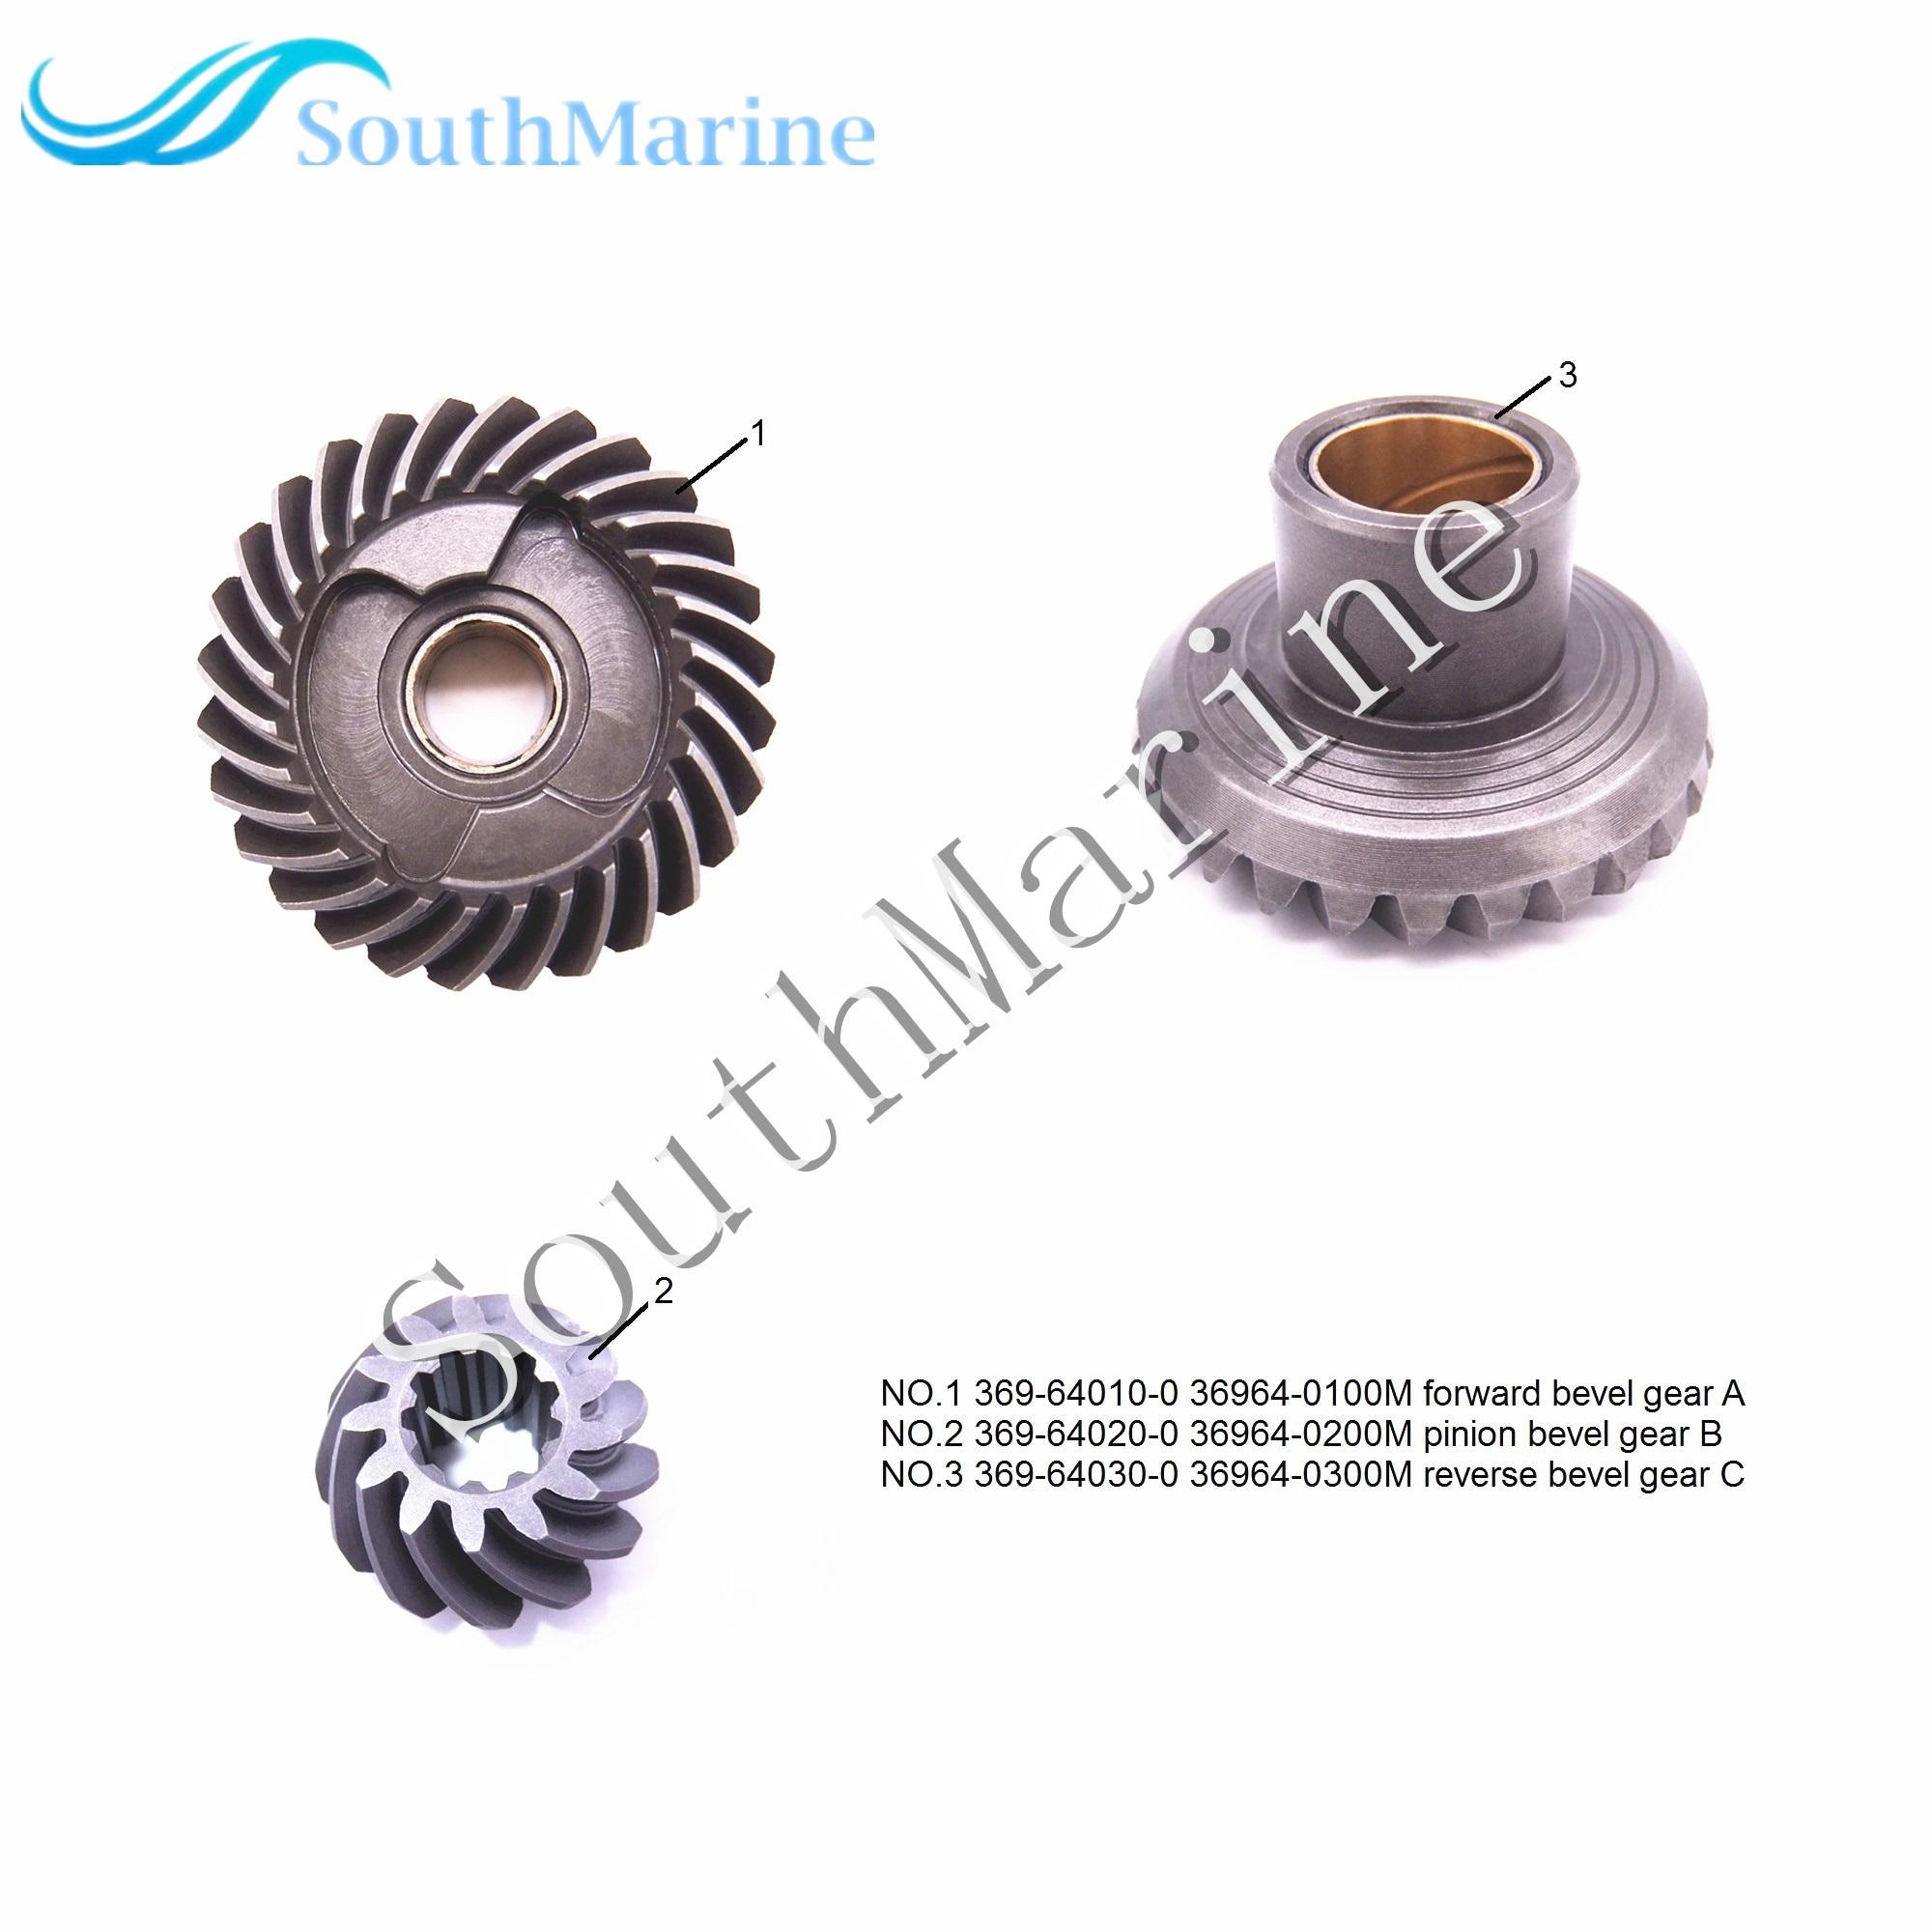 36964-0200M & 369-64030-0 369-64010-0 36964-0100M & 369-64020-0 36964-0300M Bevel Gear A/B/C for Tohatsu Nissan M4C M5B M5BS36964-0200M & 369-64030-0 369-64010-0 36964-0100M & 369-64020-0 36964-0300M Bevel Gear A/B/C for Tohatsu Nissan M4C M5B M5BS